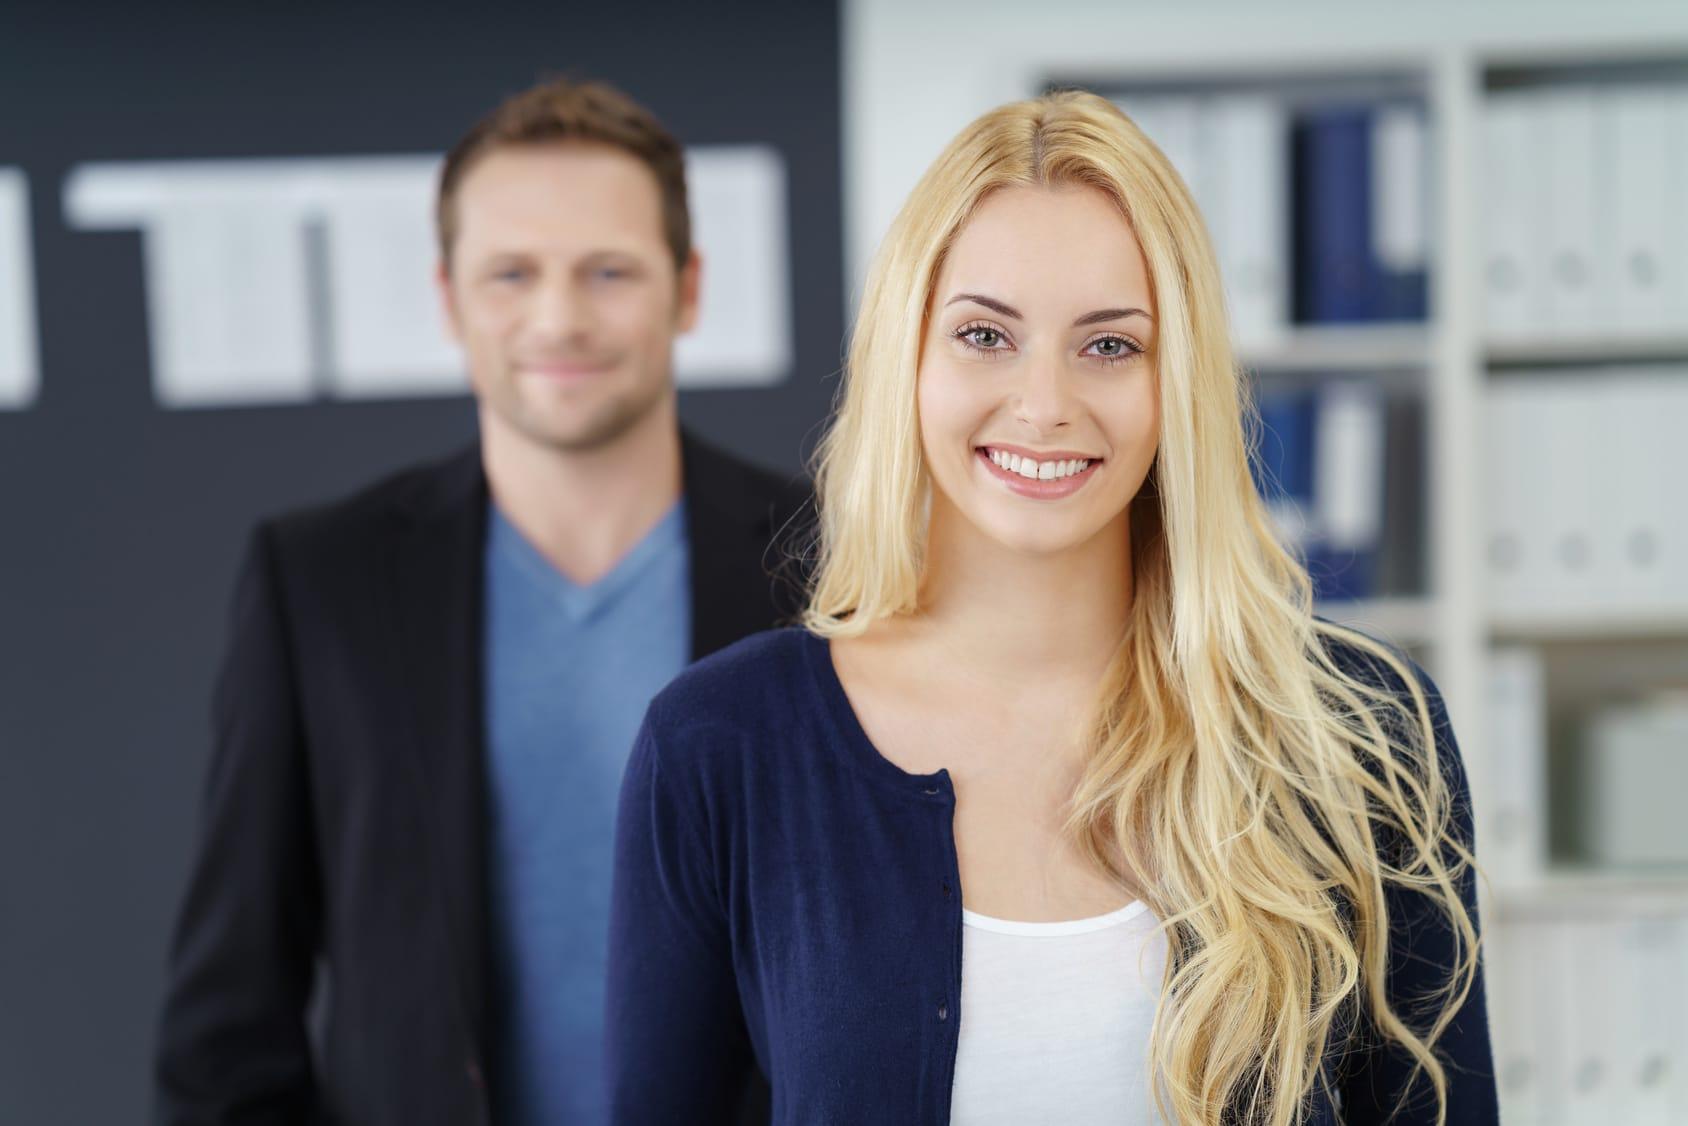 Eine junge Frau mit sehr langen hellblonden Haaren lächelt sehr selbstbewusst. Mit dem Programm der unibee Institute, konnte Sie wieder lernen, echte Balance im Leben wieder zu erreichen. Sie trägt ein weisses T-shirt und eine blaue Sommerjacke. Im Hintergrund steht ein Mann, welcher aber nur verschwommen zu sehen ist. Beide stehen in einem Büro mit einem großen Bücherregal im Hintergrund.